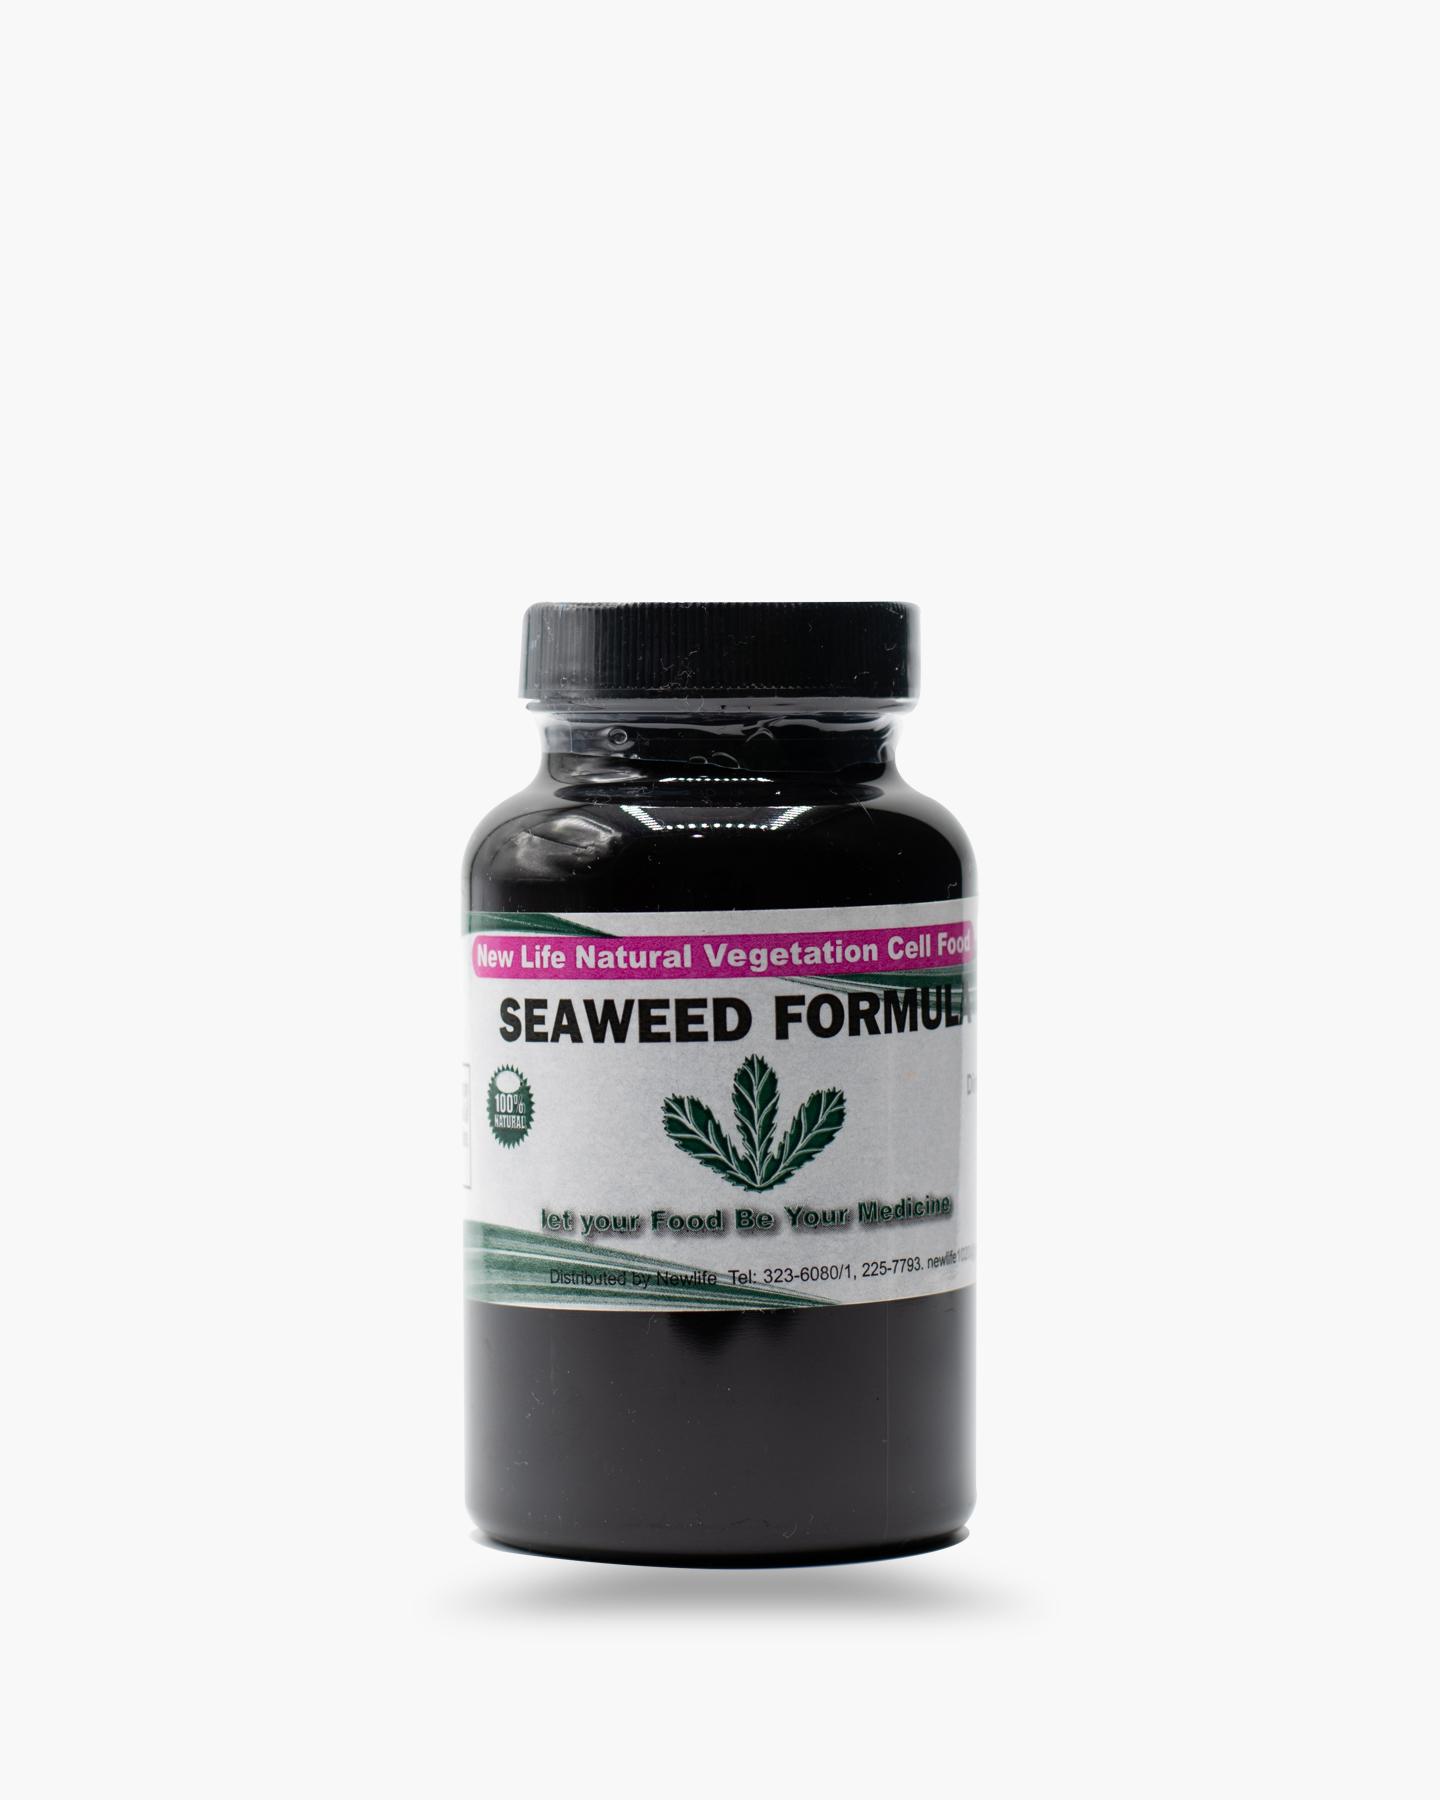 Seaweed Formula